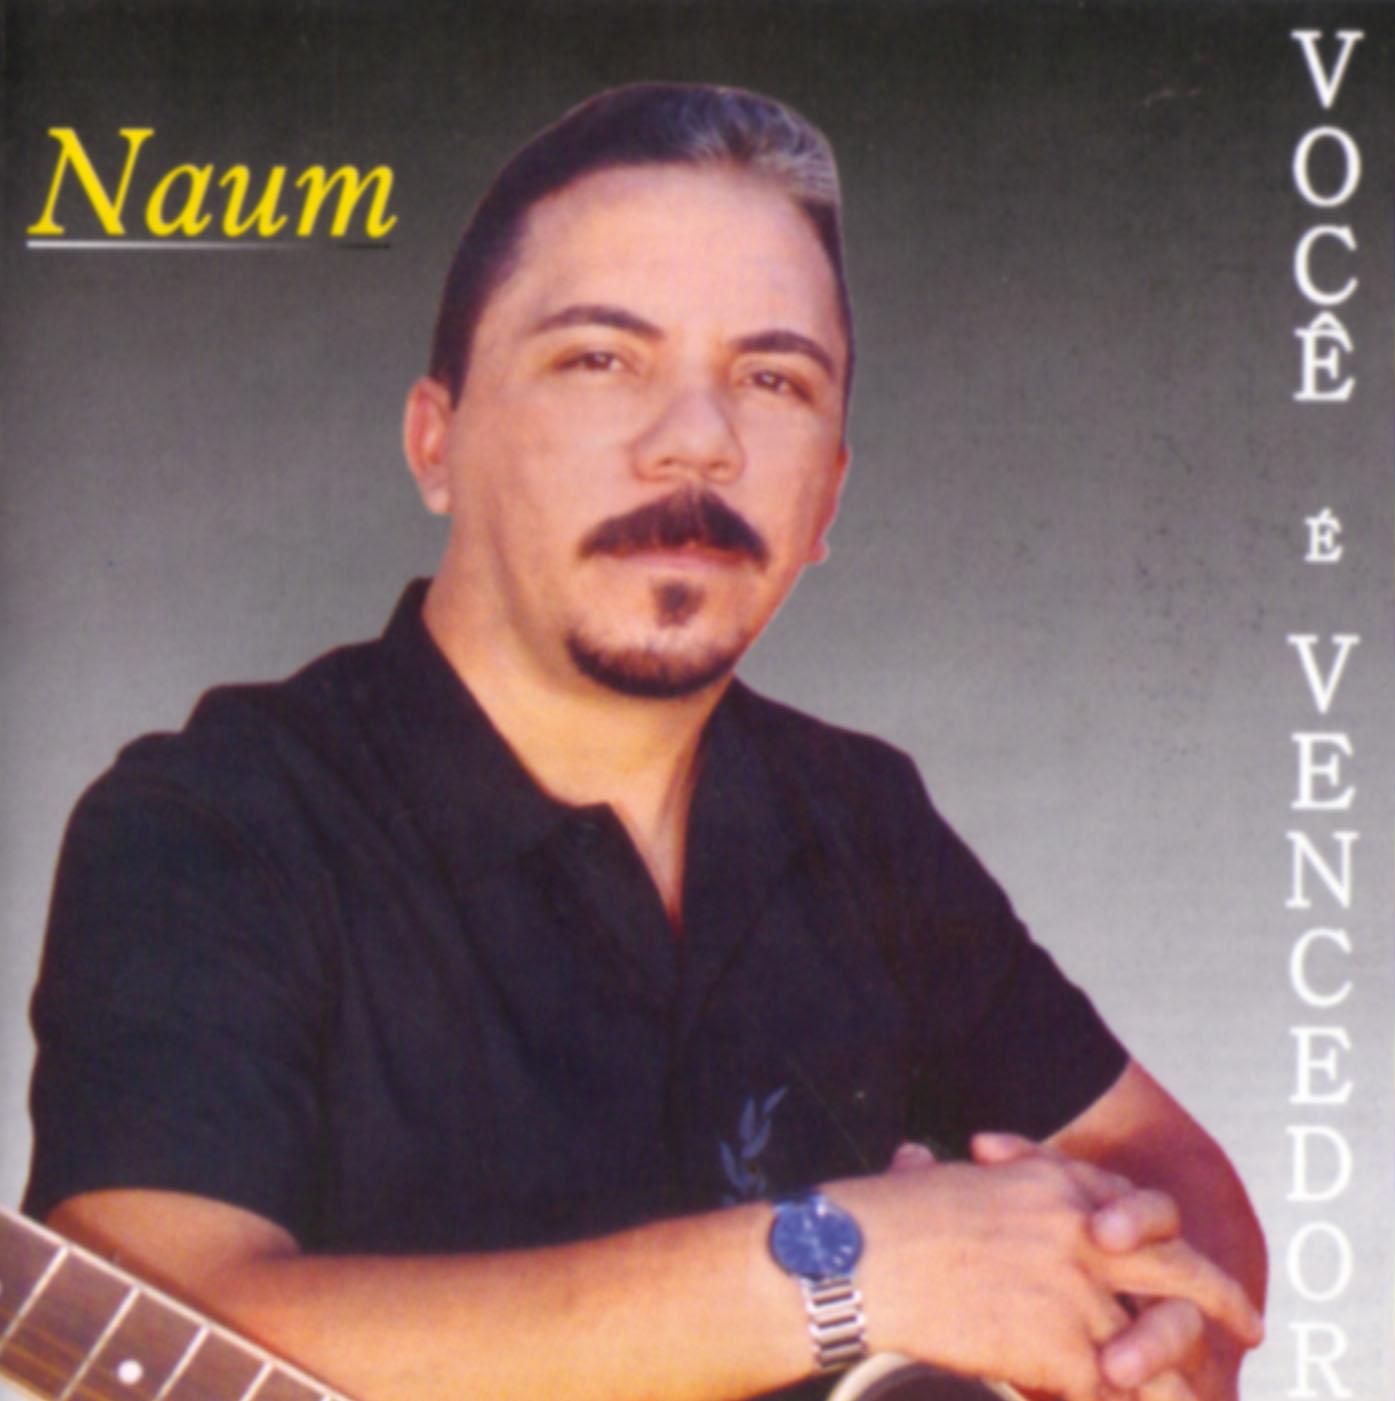 Naum Esteves